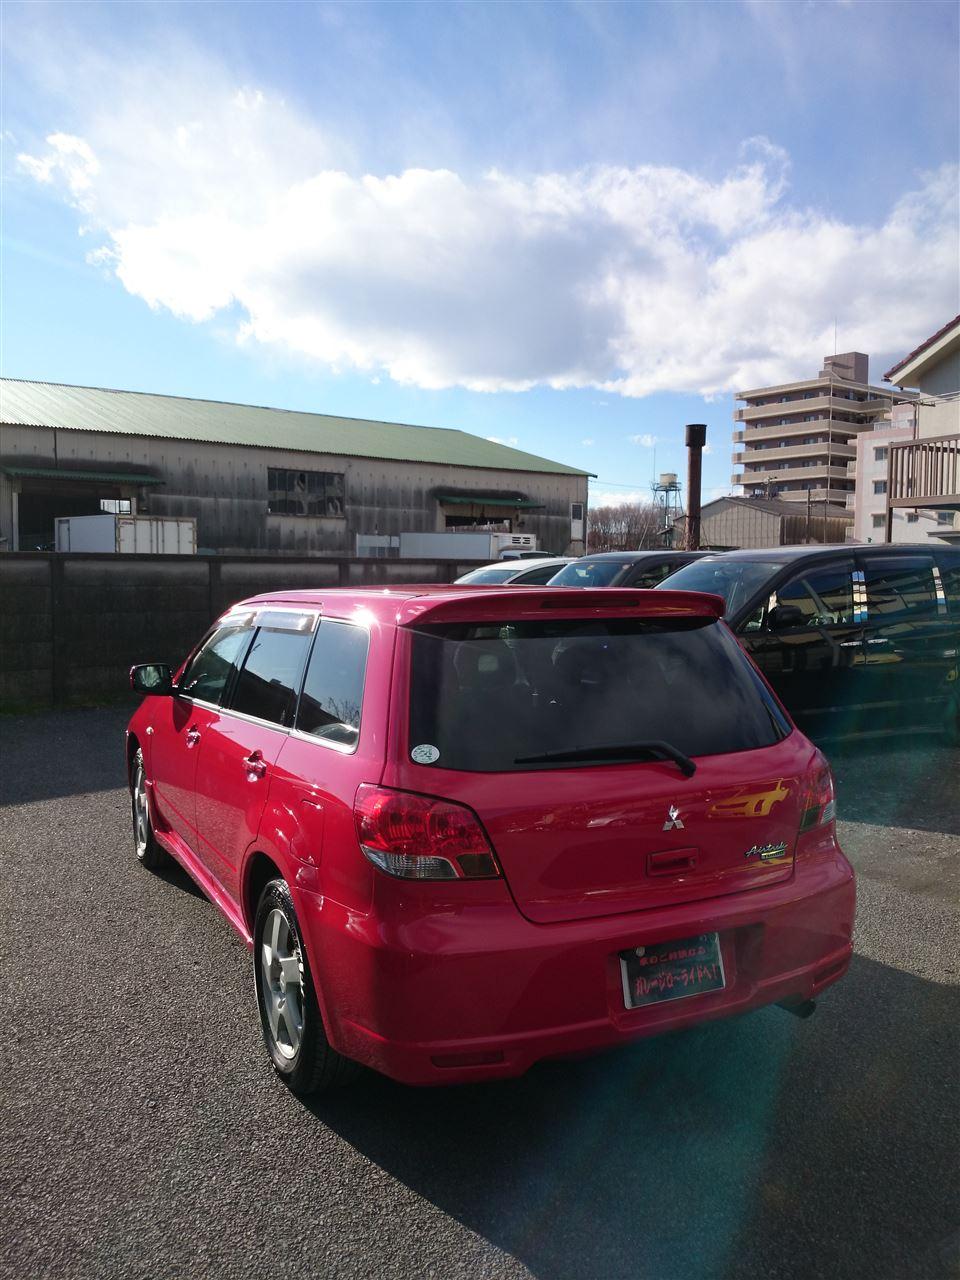 東京都立川市の車の板金塗装修理工場 ガレージローライドの三菱 エアトレック のオールペイント オールペン 全塗装 です。